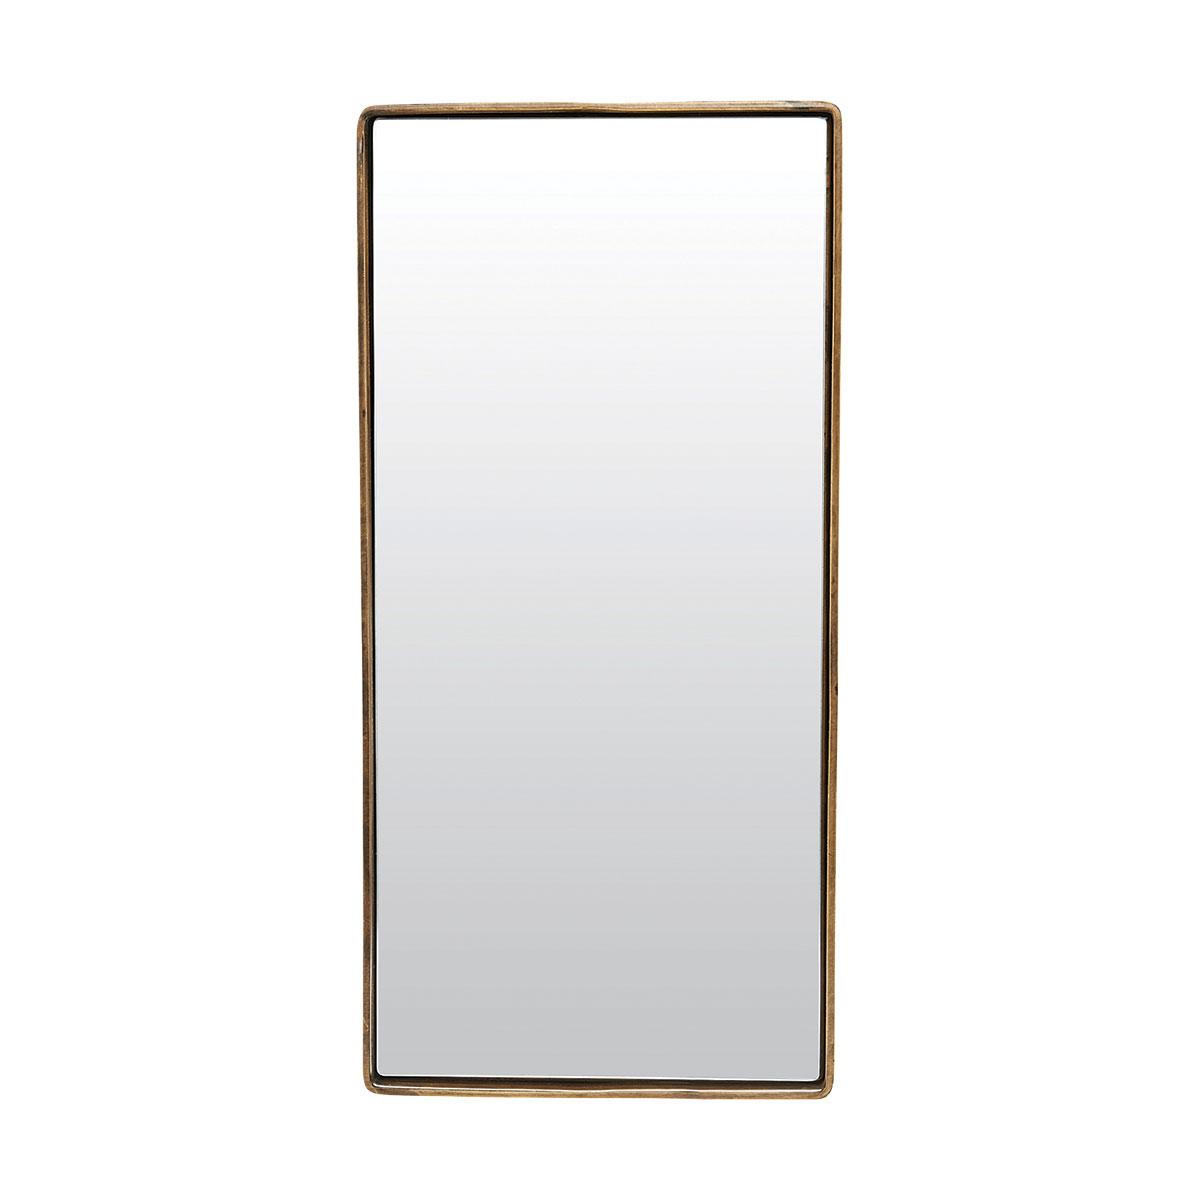 Billede af House Doctor Reflektion Spejl med messing belagt ramme